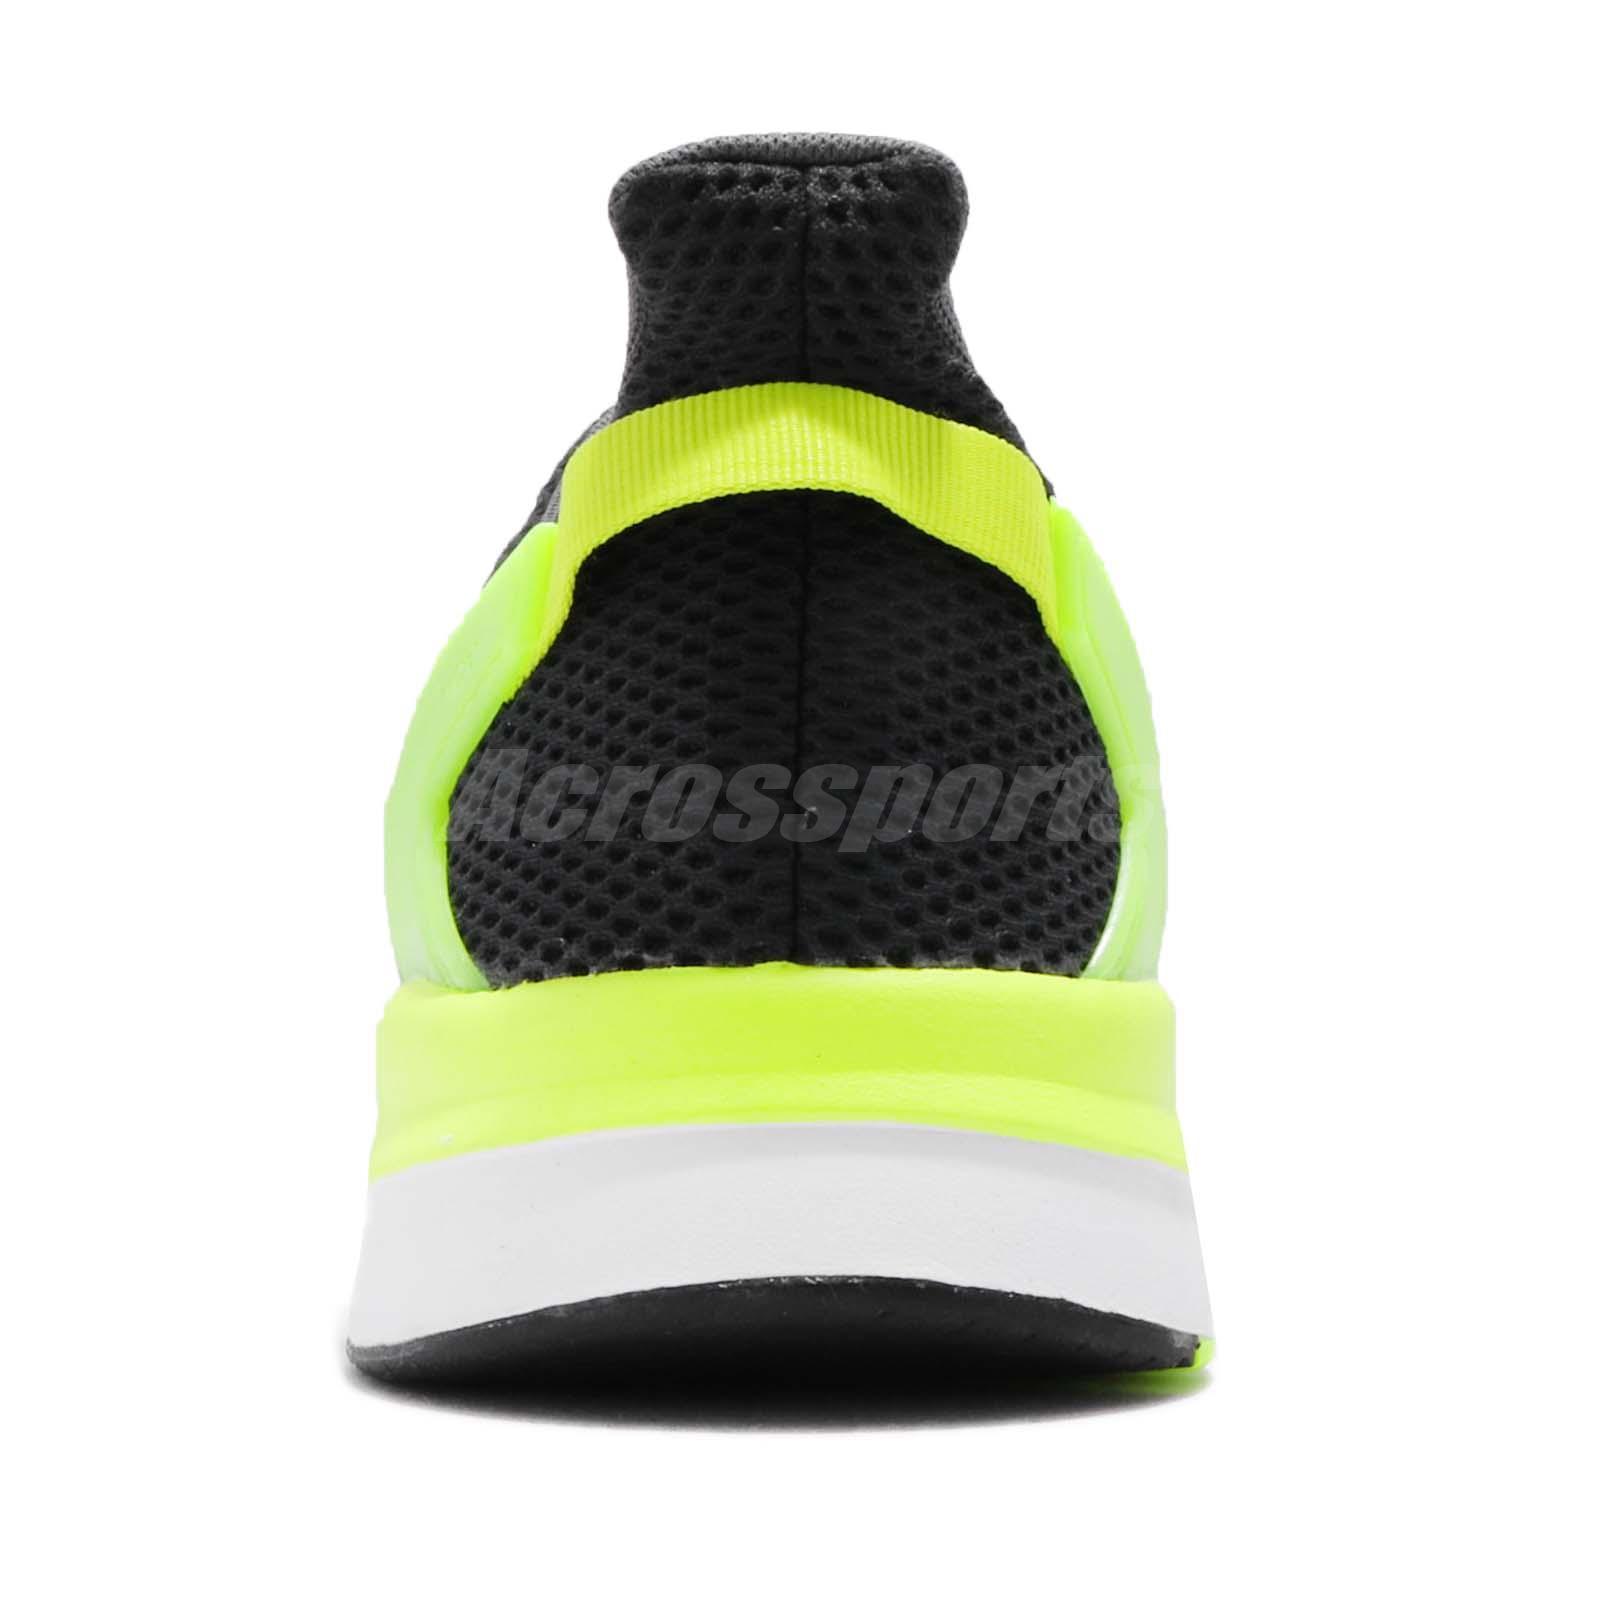 2fa76993bdde5 желтый желтый adidas questar dunk nike ab380 d4223 - malaxino.com